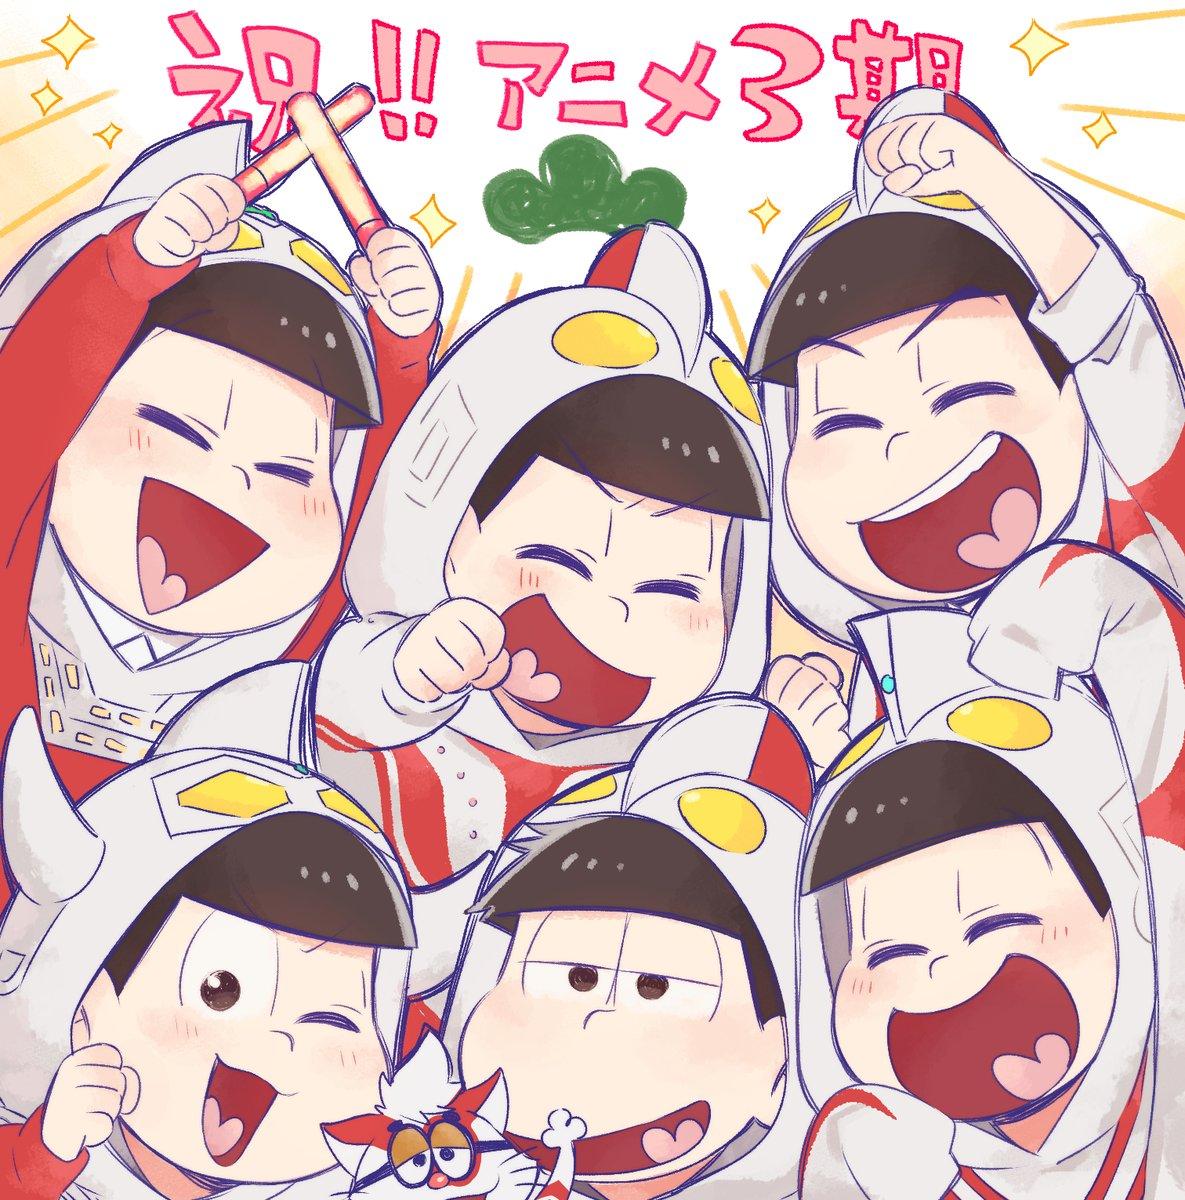 アニメ3期決定おめでとうございます!!!! 放送楽しみに待っております🙏✨ #おそ松さん3期 https://t.co/3OBN9bvNYT